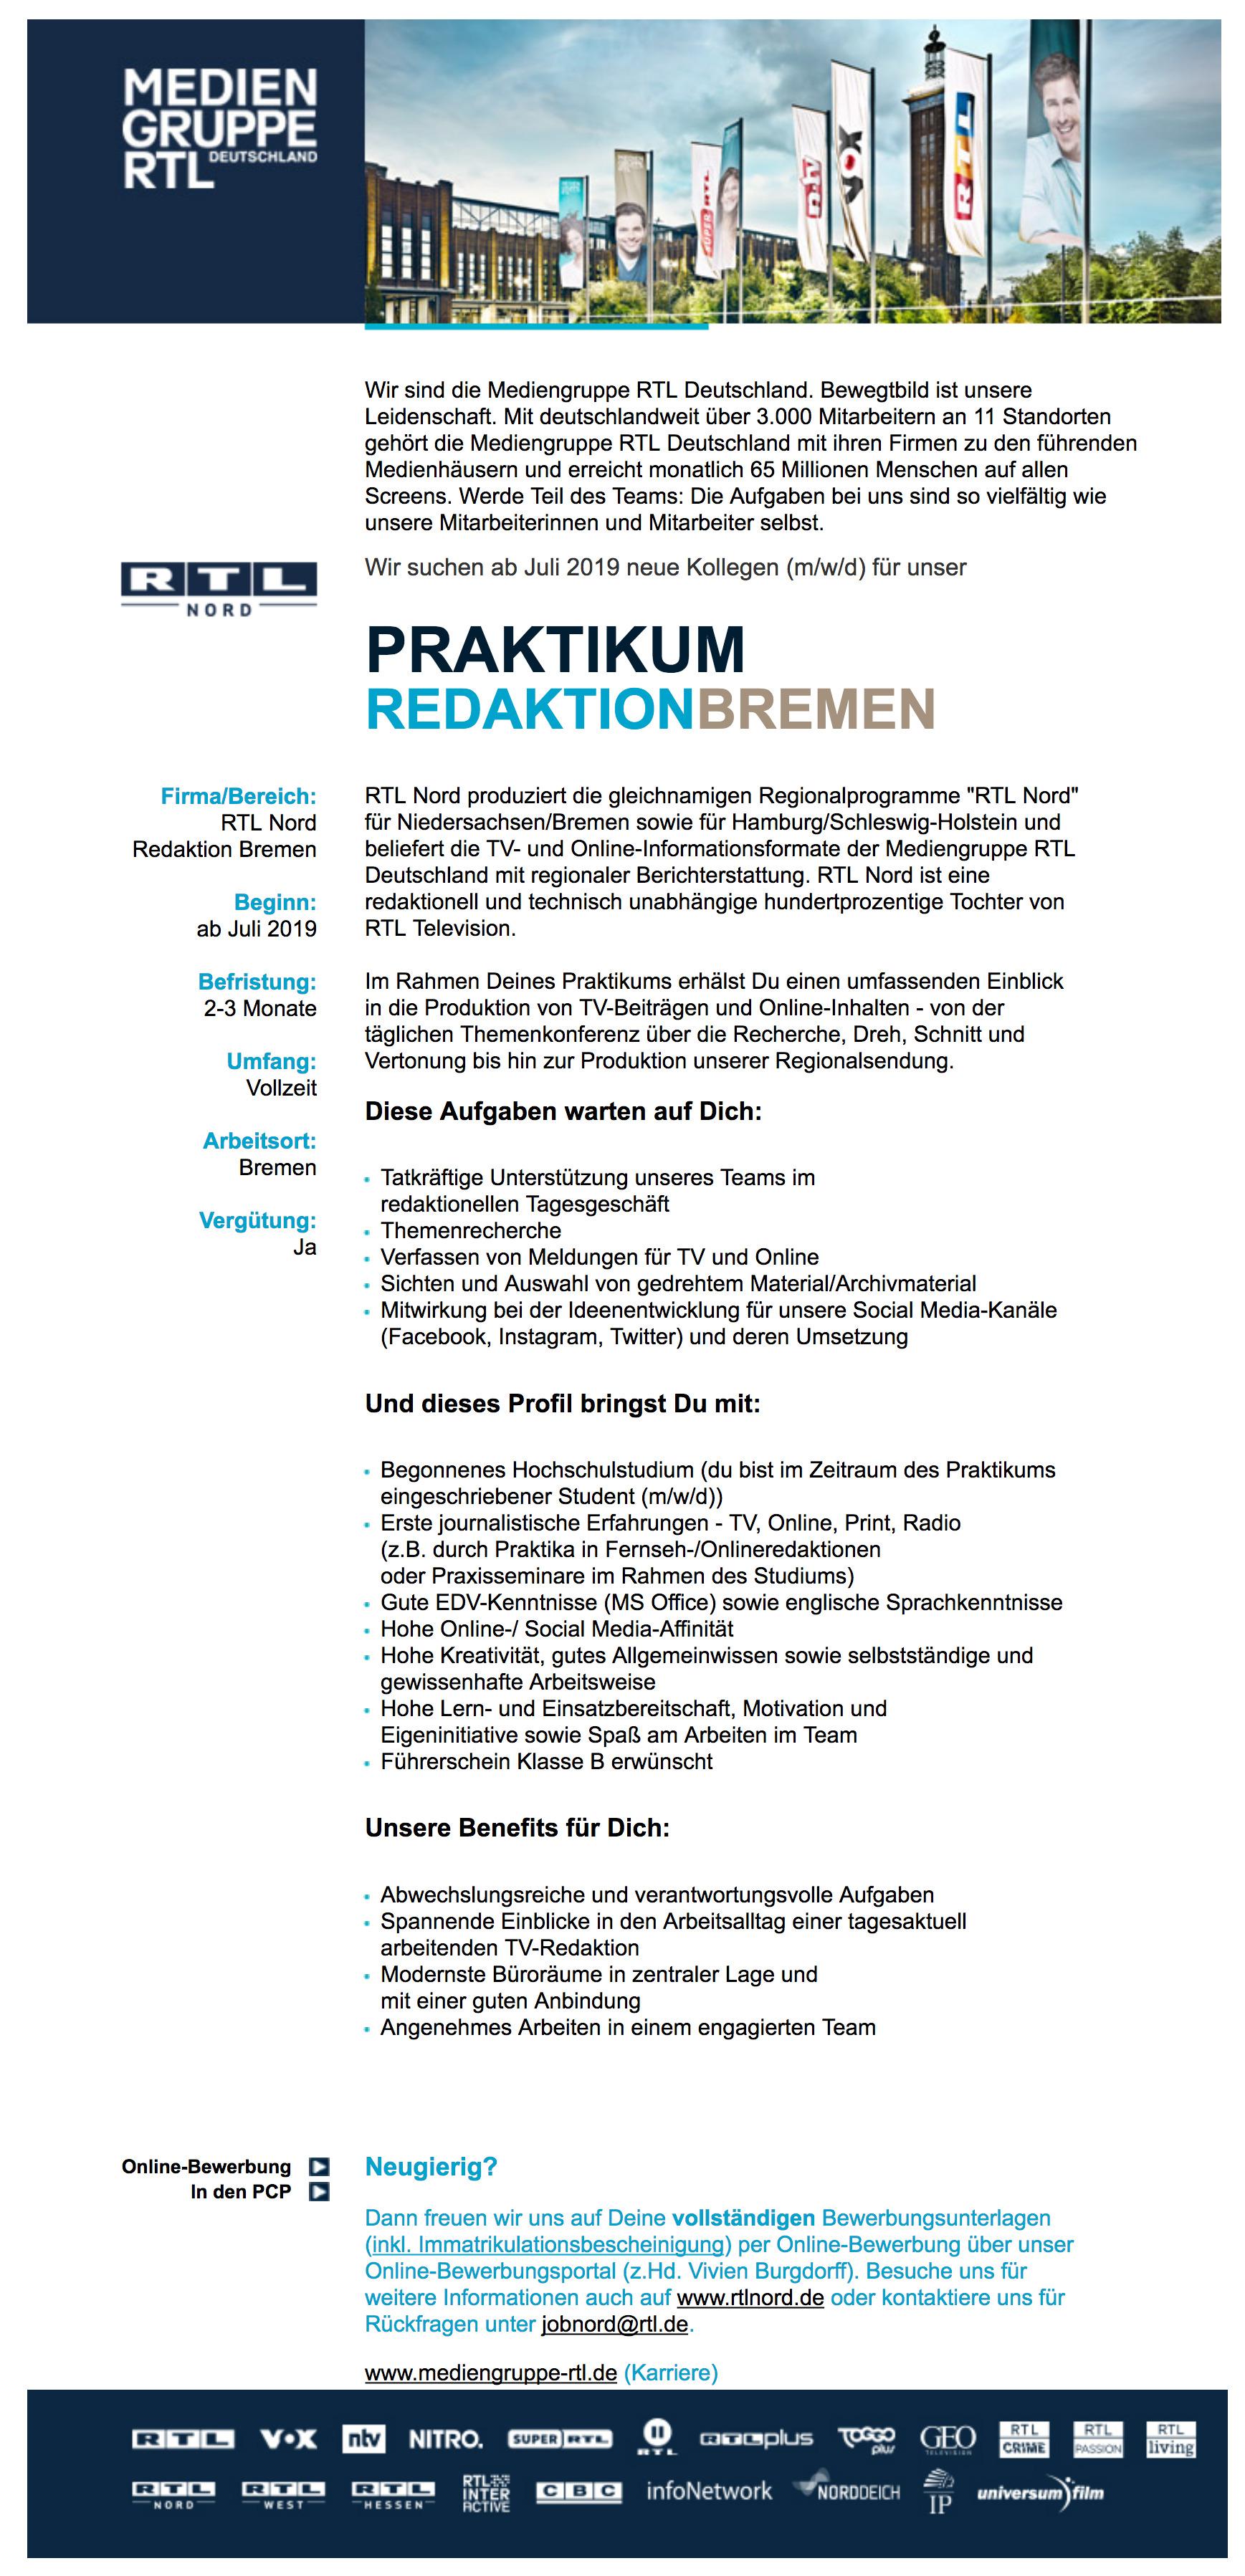 Mediengruppe Rtl Deutschland Bremen Bietet Praktikum Redaktion